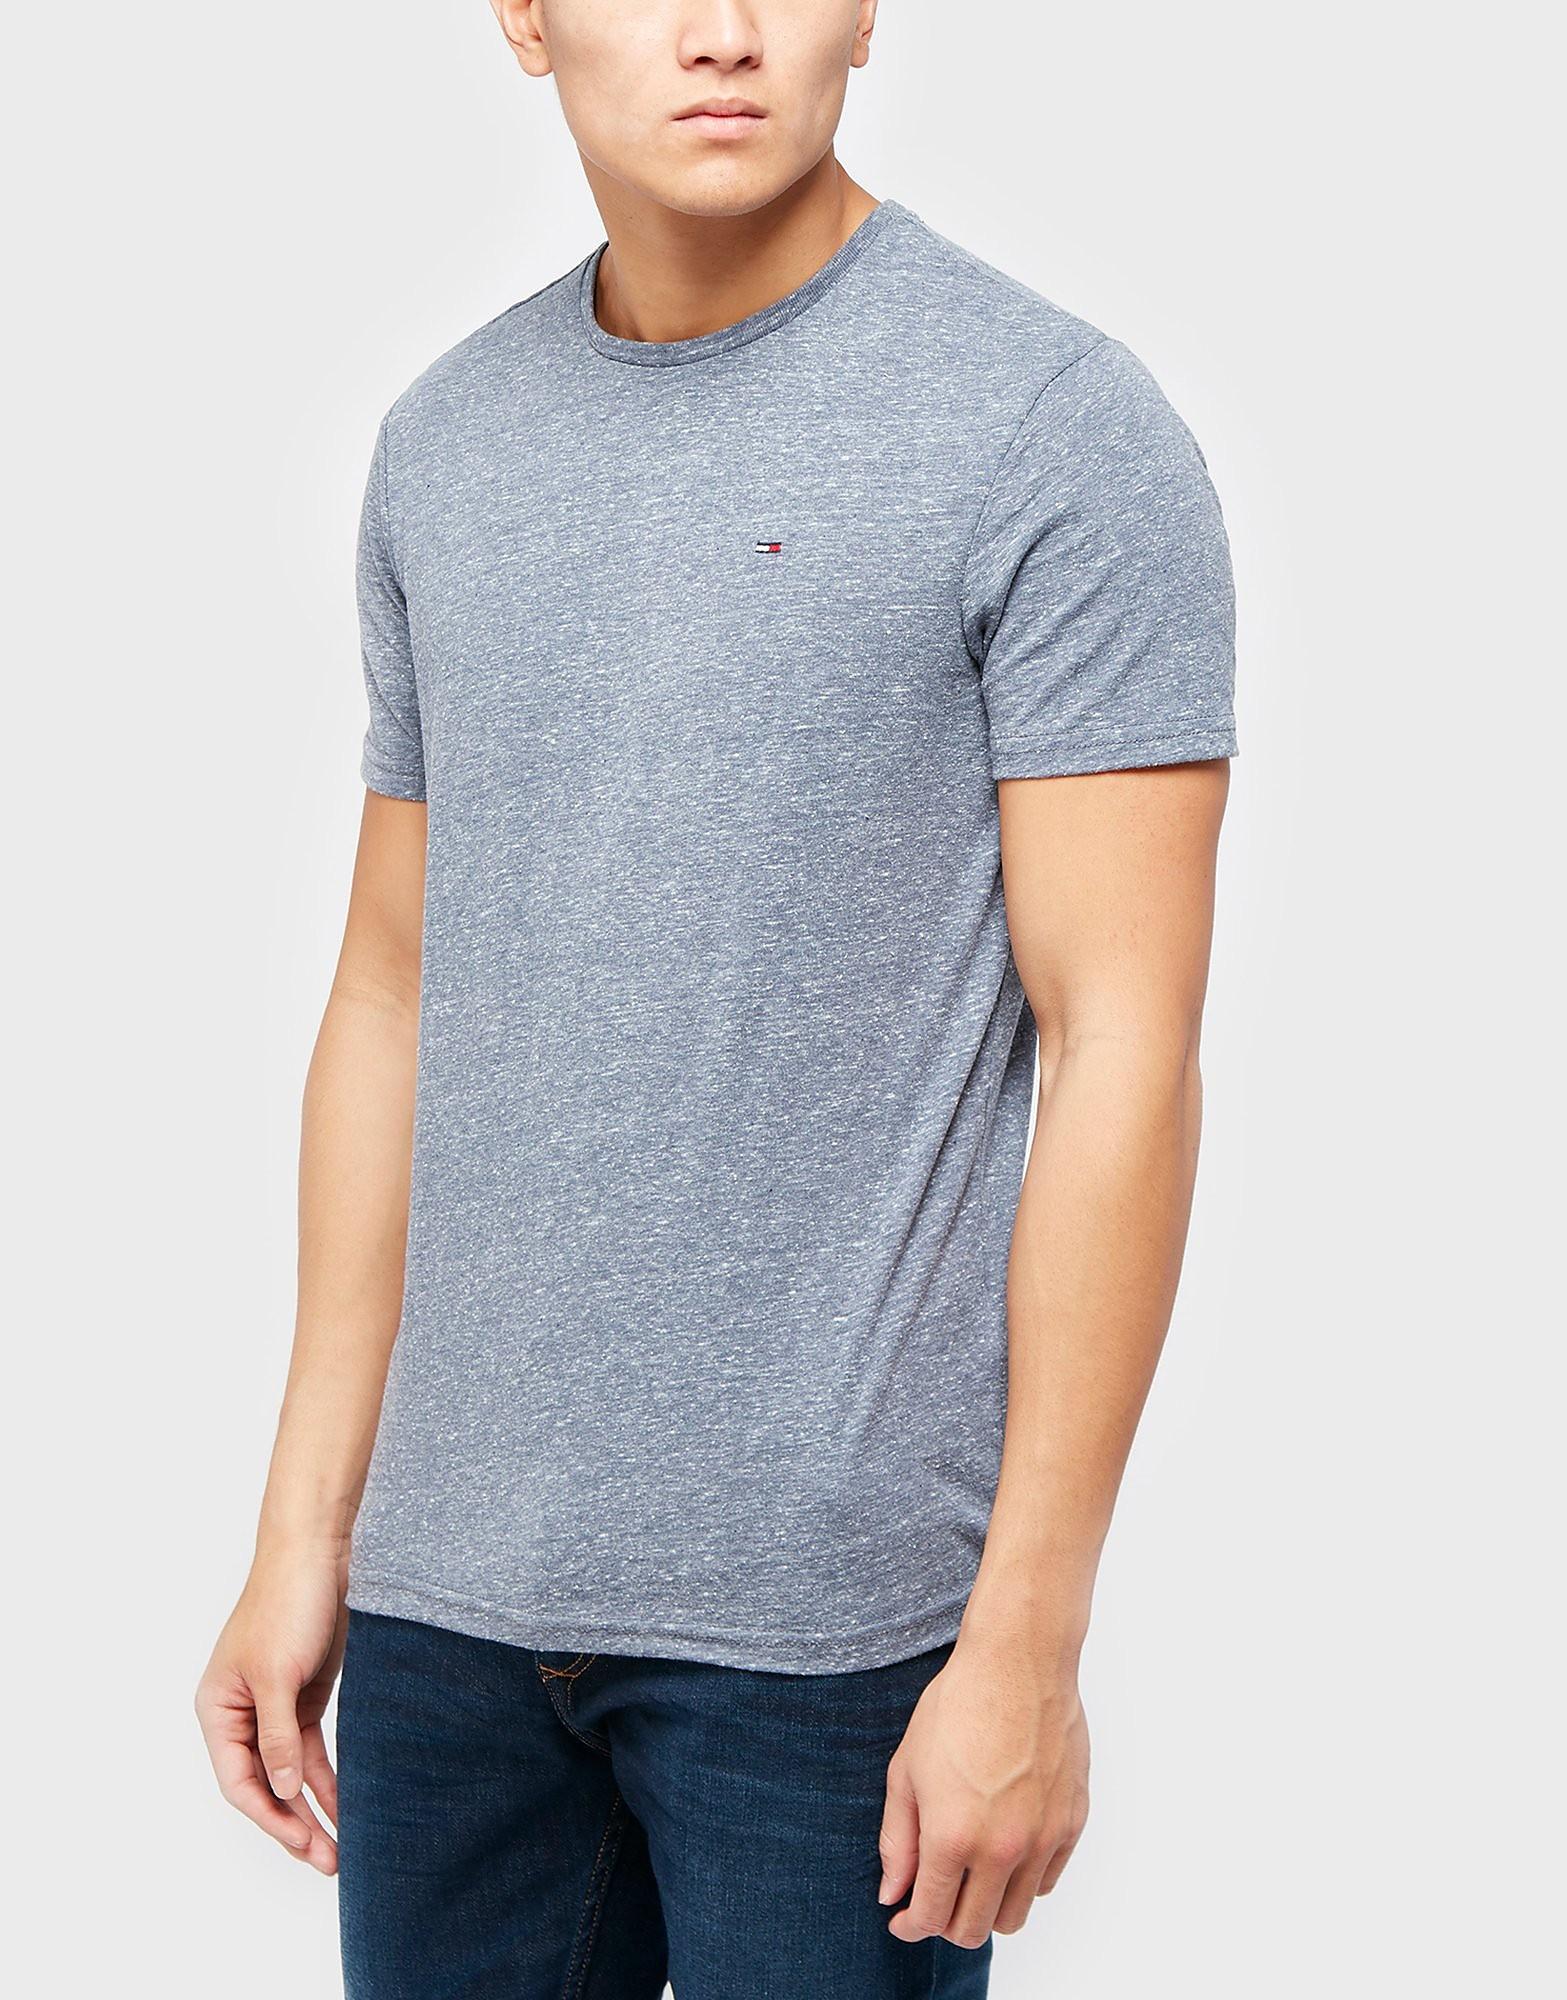 Tommy Hilfiger Melange Crew T-Shirt